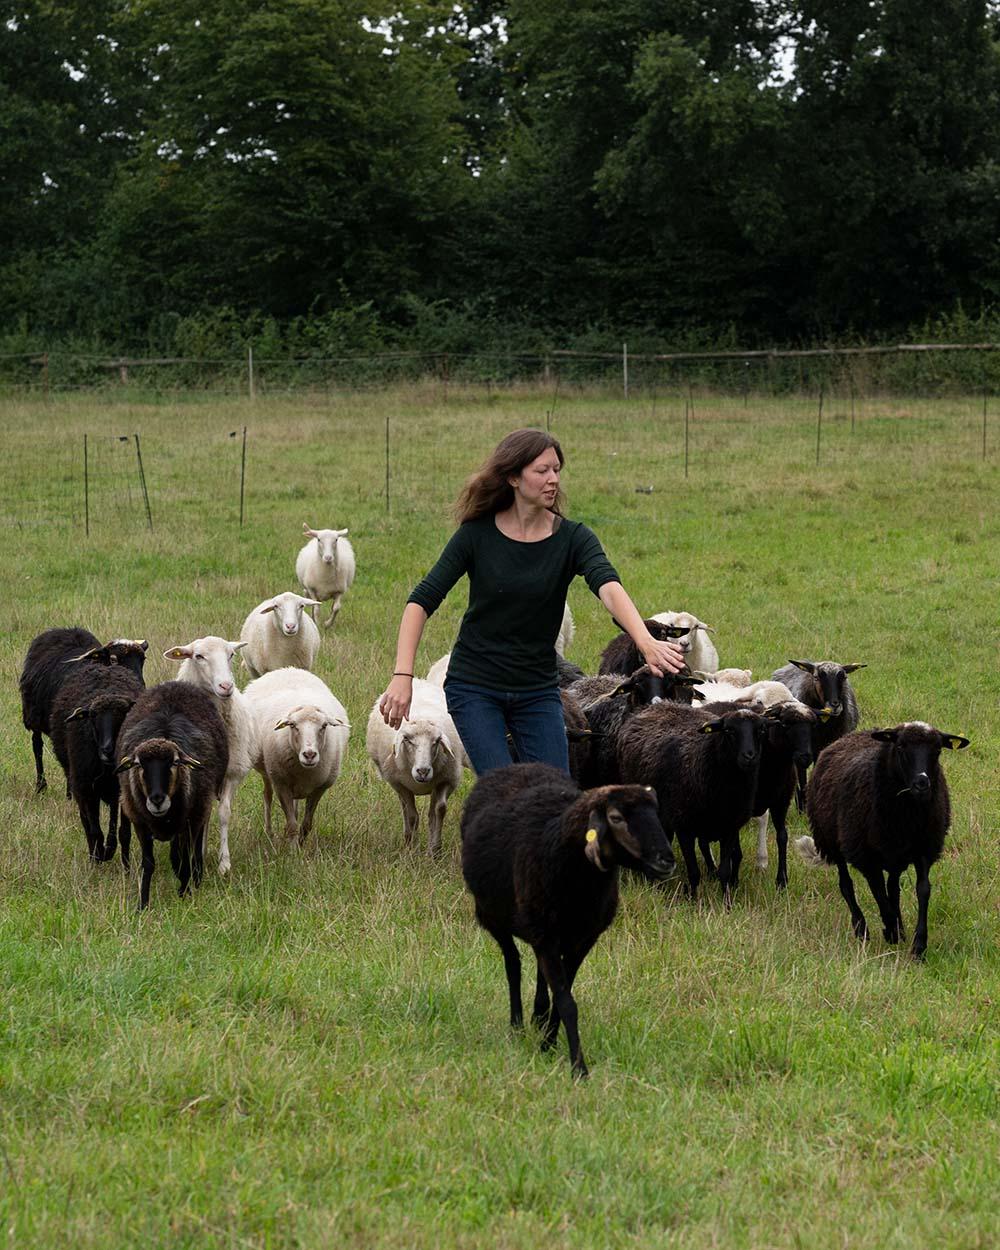 Milchschäferin Sandra führt ihre Herde Krainer Milchschafe zum Melkstand